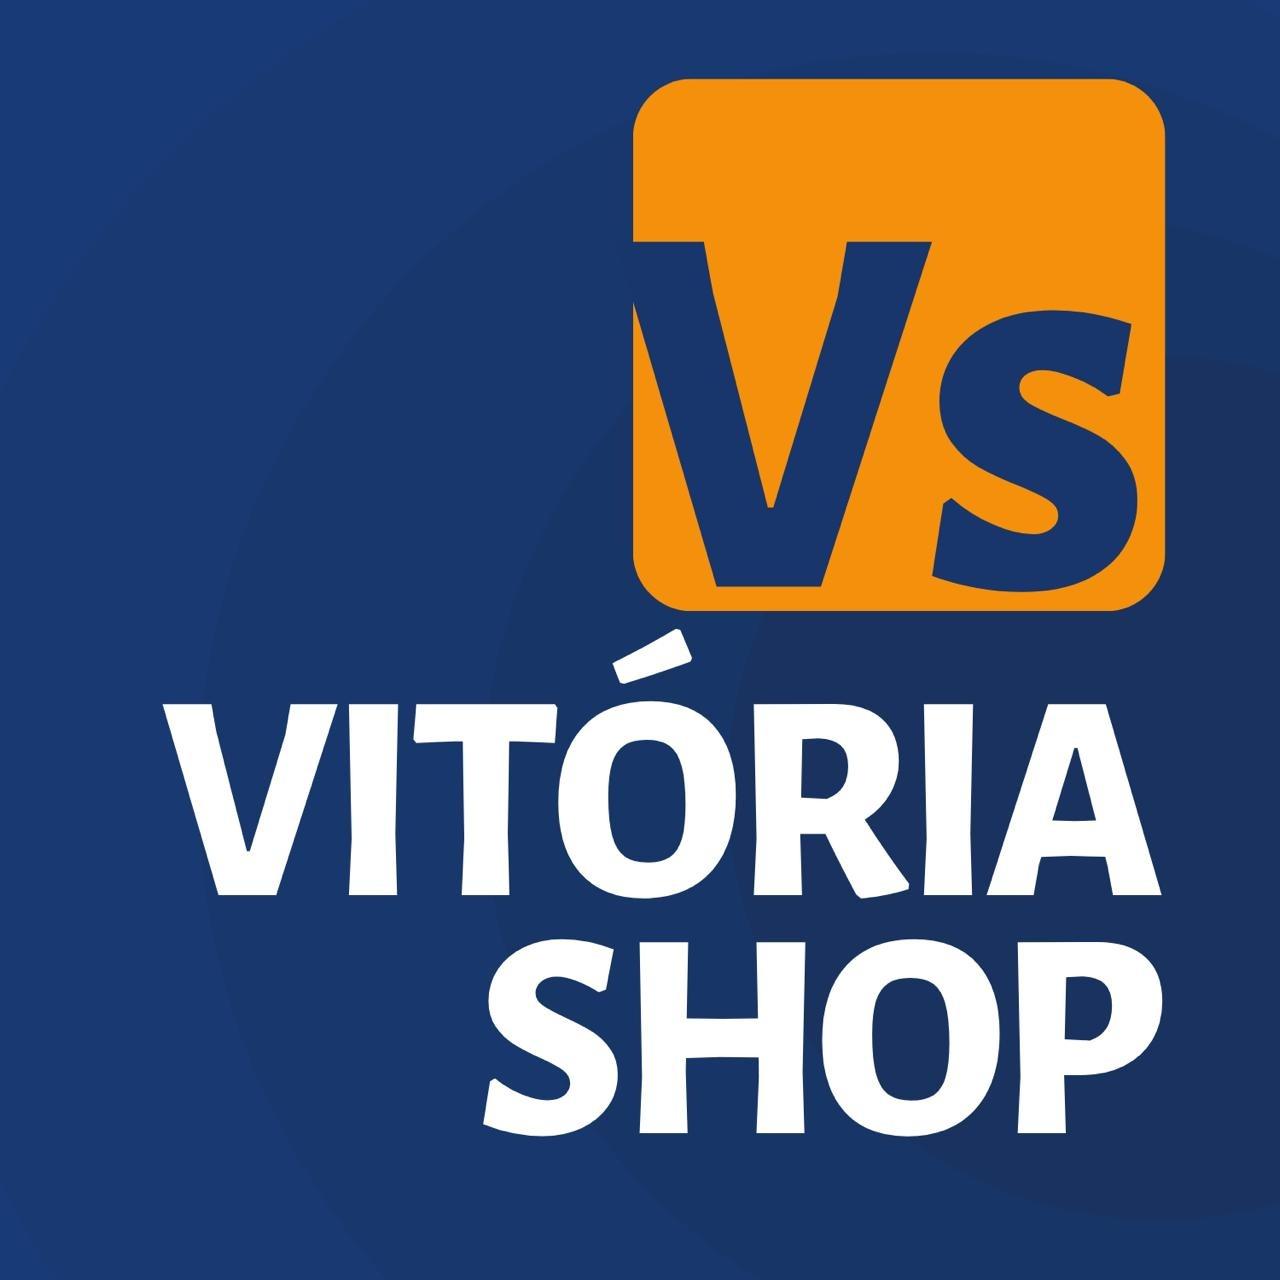 VITÓRIA SHOP